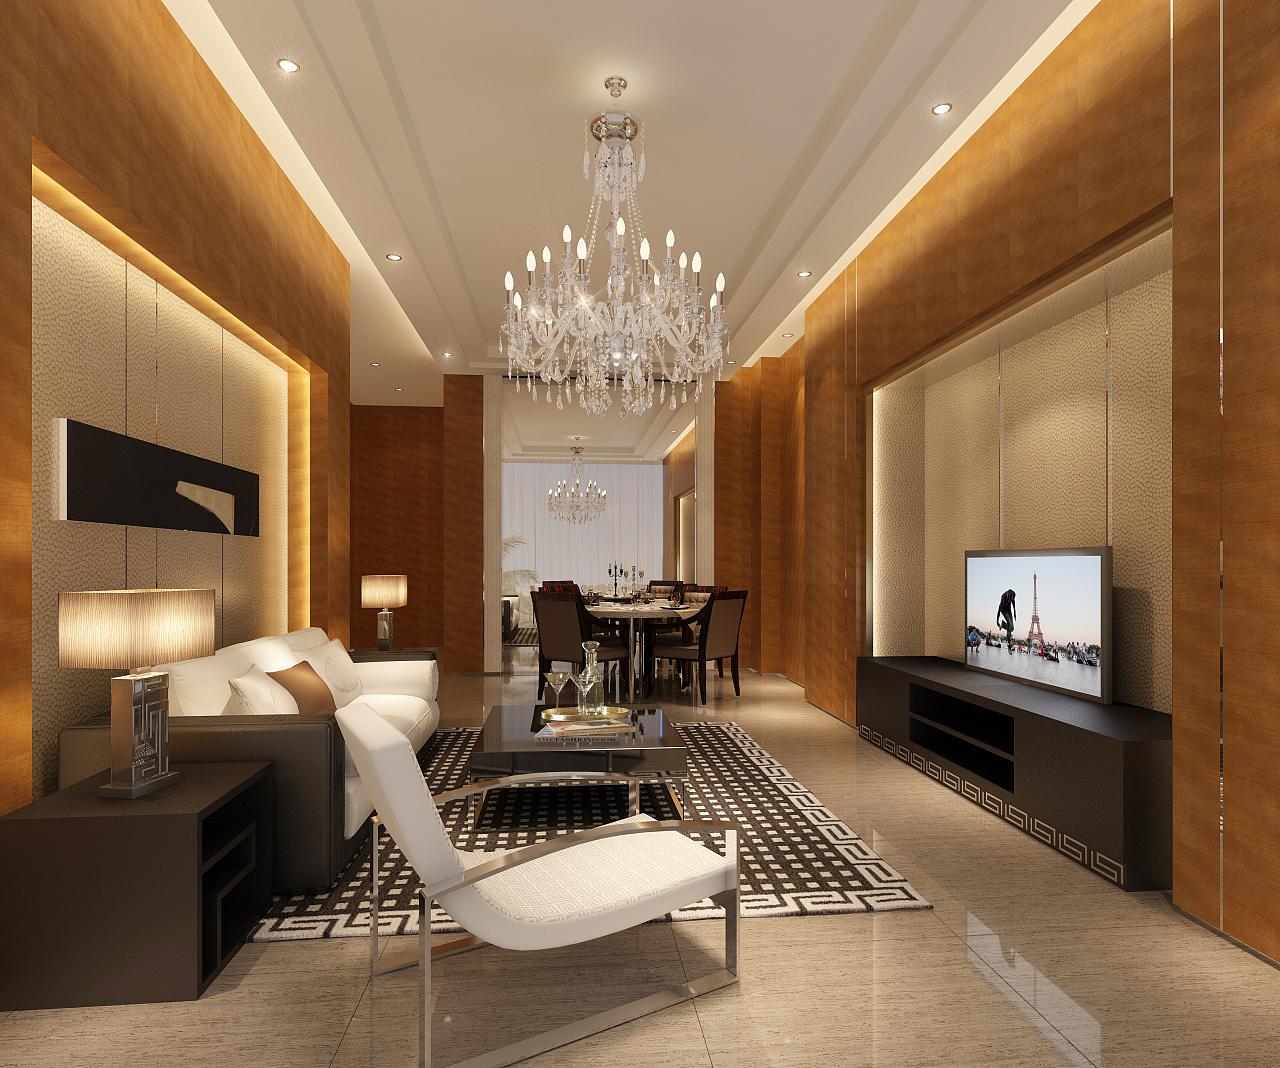 龙禧中心酒店式公寓室内空间设计-成都公寓式酒店装修